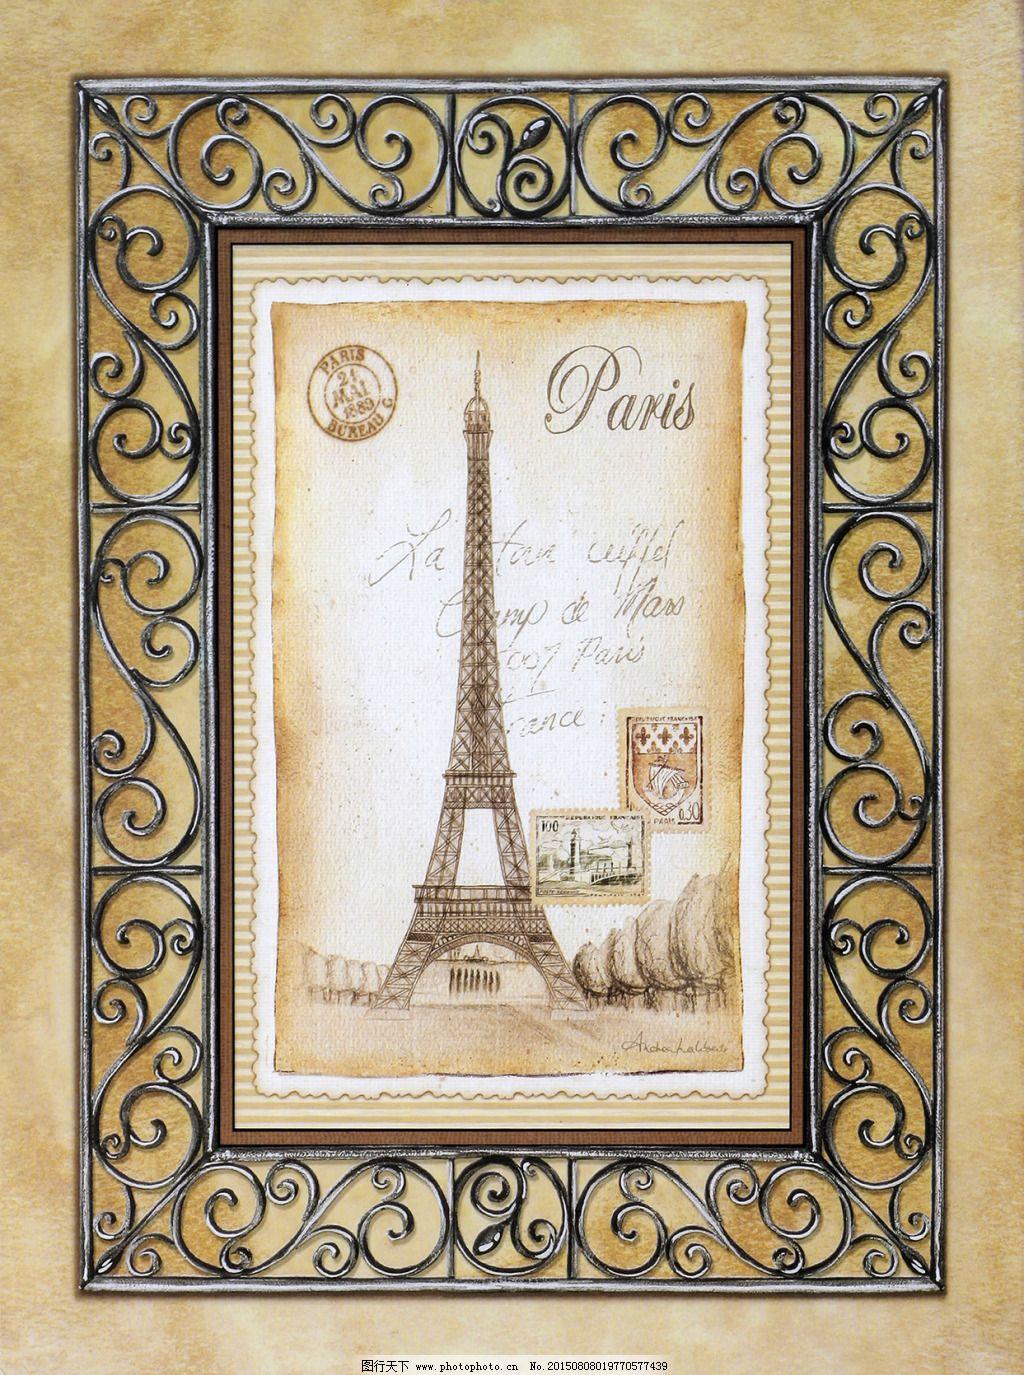 手绘明信片巴黎铁塔挂画